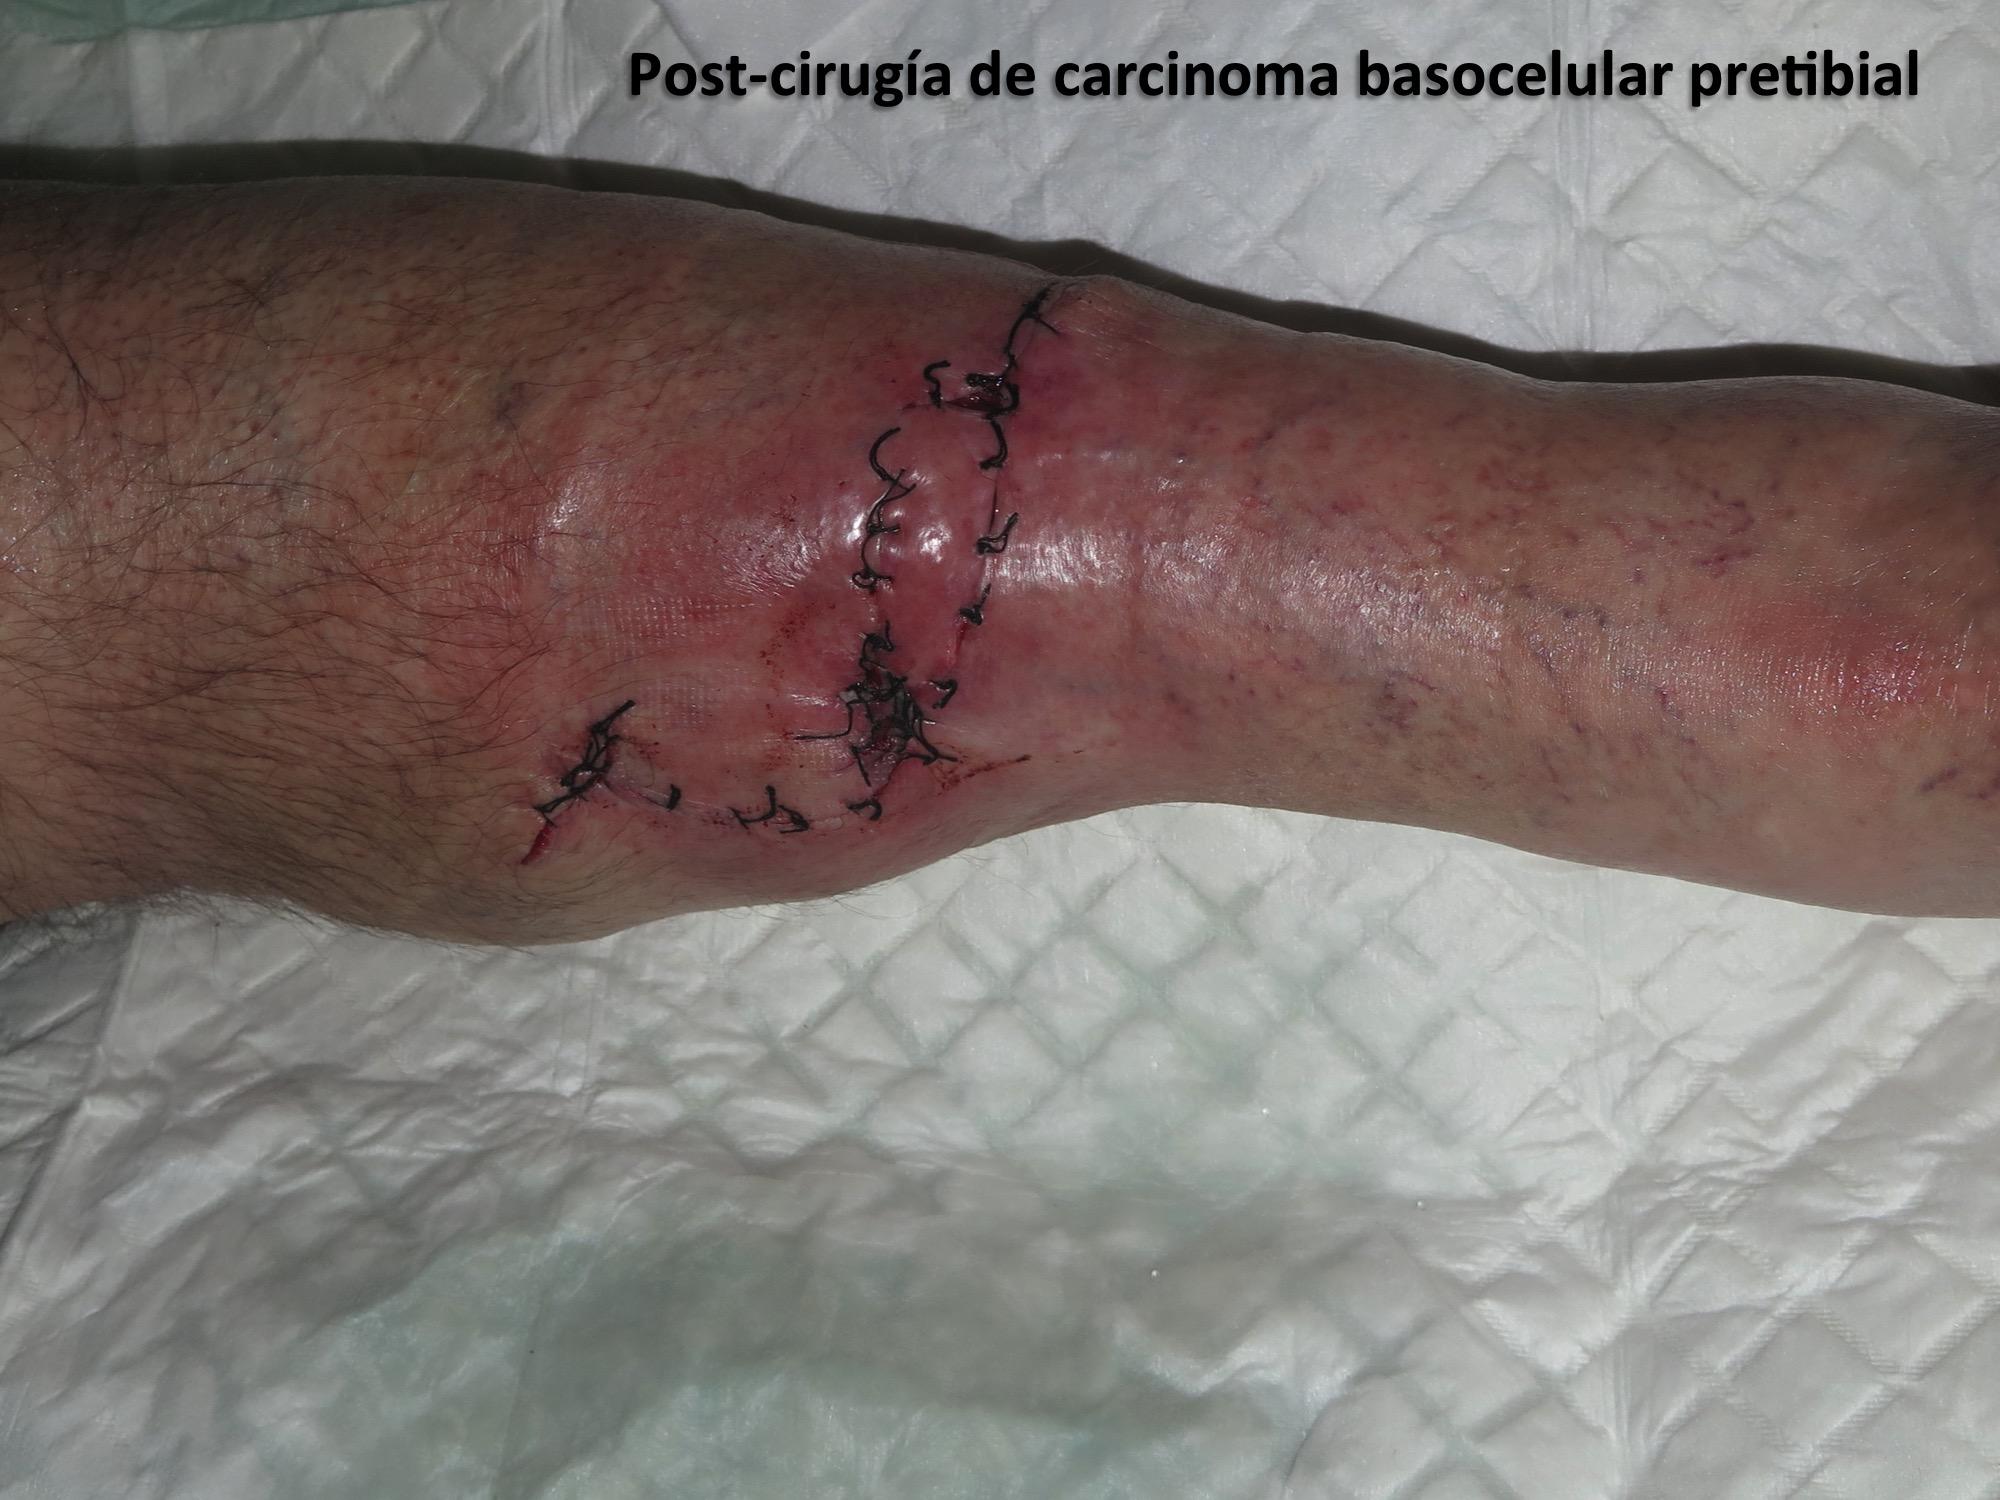 Post-cirugía de carcinoma basocelular pretibial